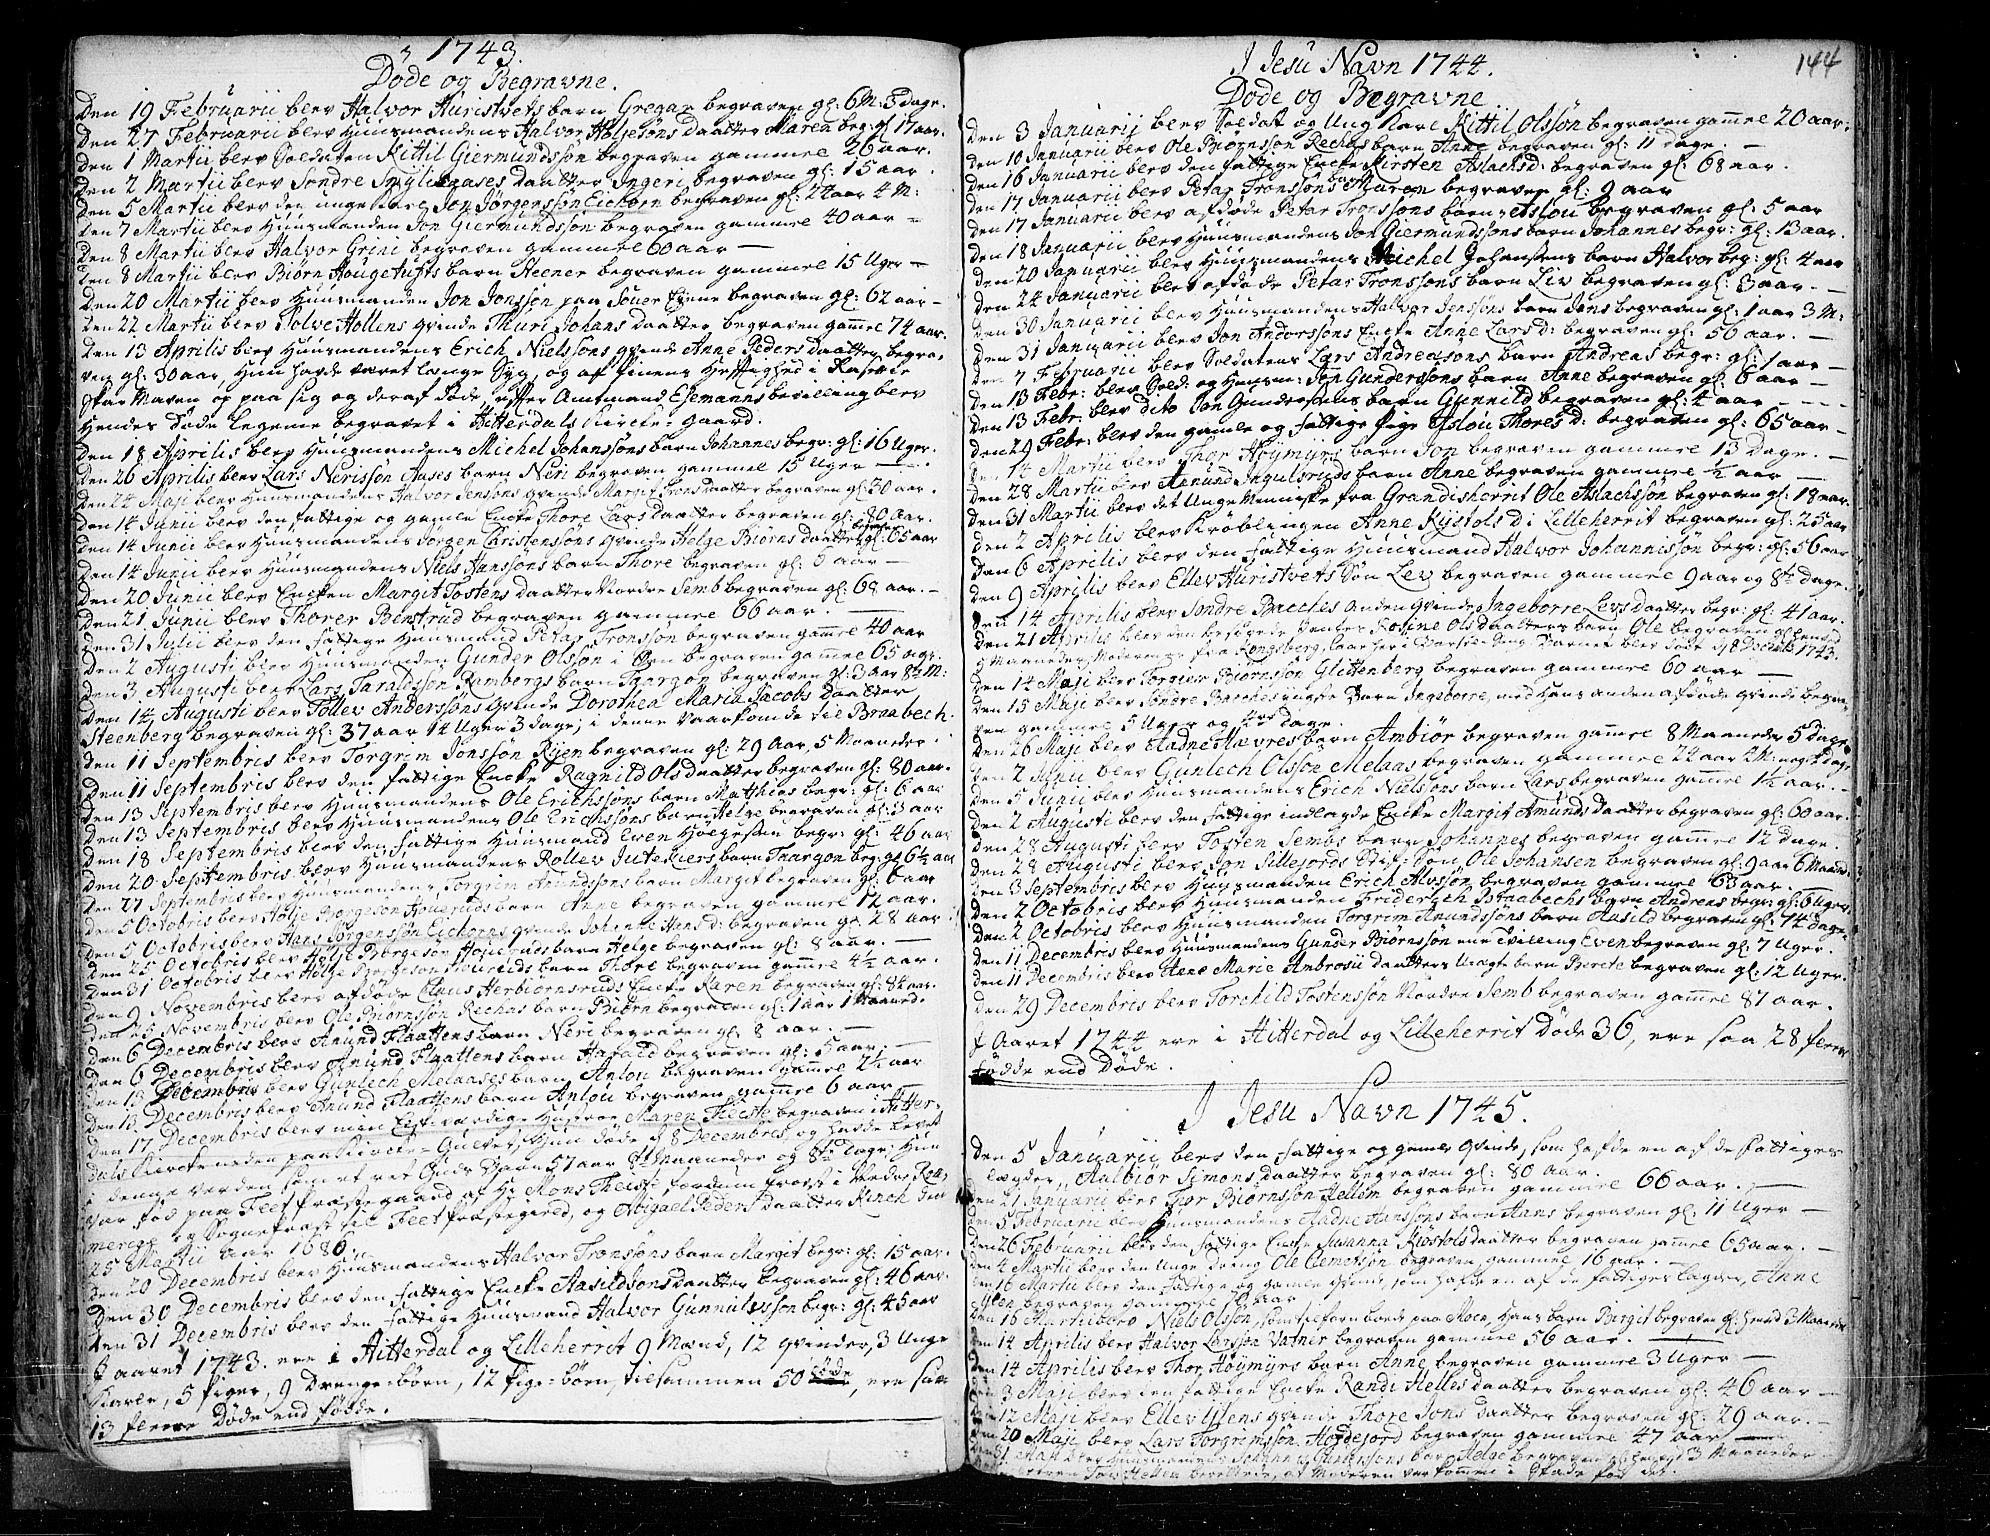 SAKO, Heddal kirkebøker, F/Fa/L0003: Ministerialbok nr. I 3, 1723-1783, s. 144